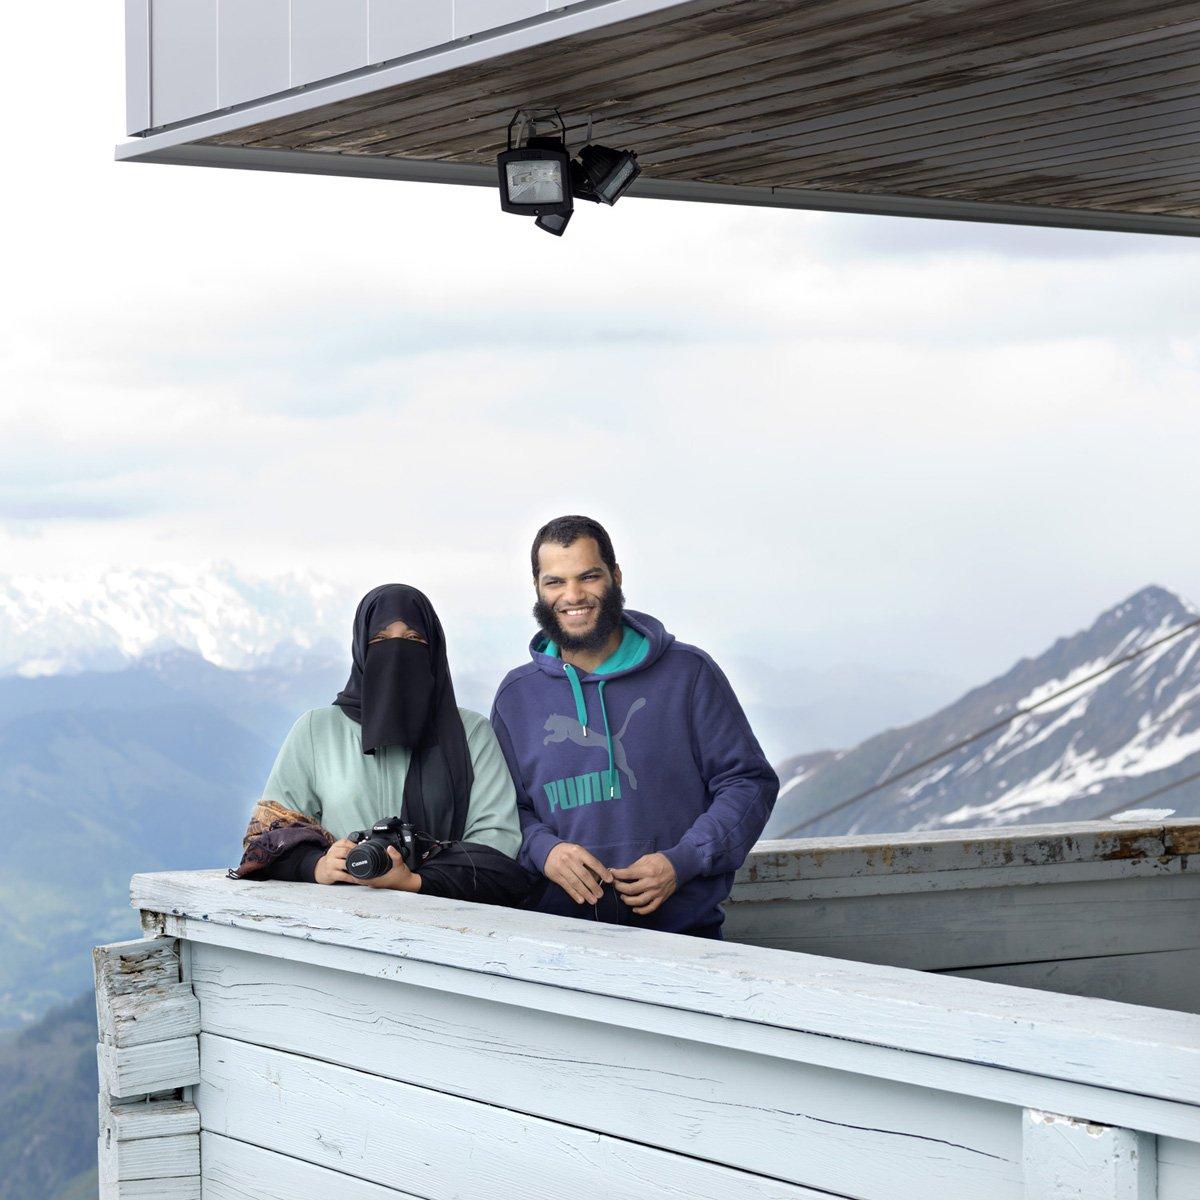 Turistas do Oriente Médio invadem cidade idílica alpina para escapar do calor do verão escaldante 04